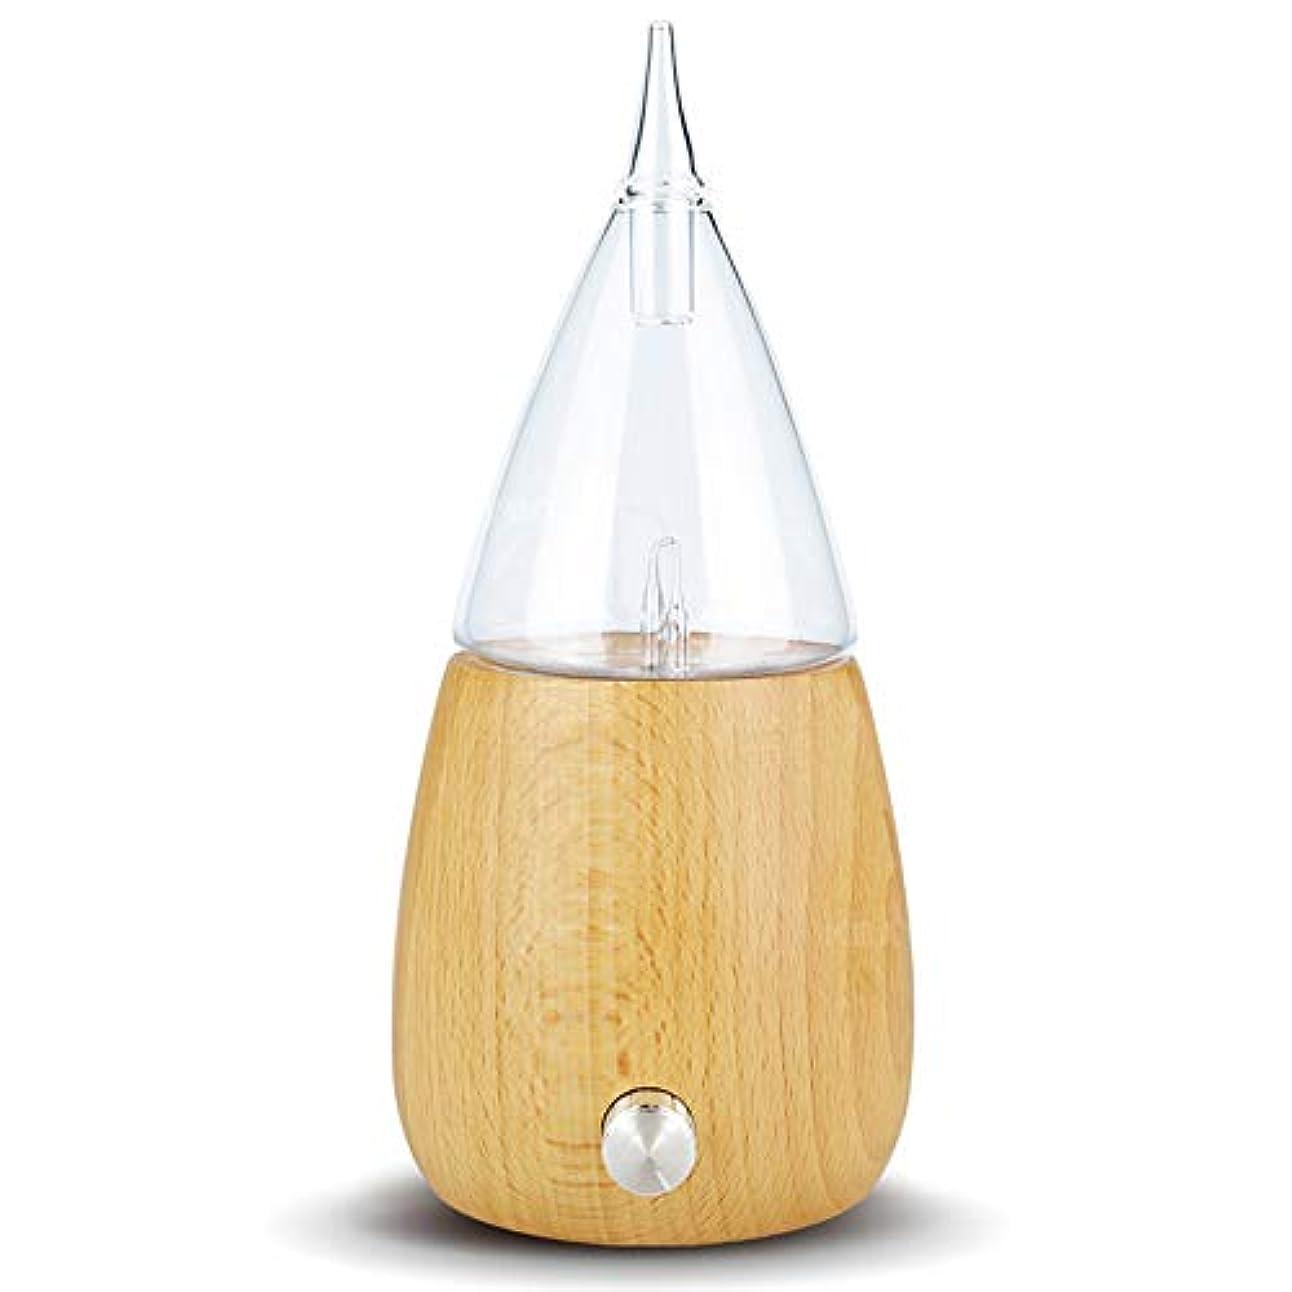 接地統合差別化するRakuby アロマ セラピーディフューザー ガラスリザーバー噴霧 純粋エッセンシャルオイル アロマ ディフューザー 加湿器 オートシャットオフ カラフルledライト用 ホームオフィス